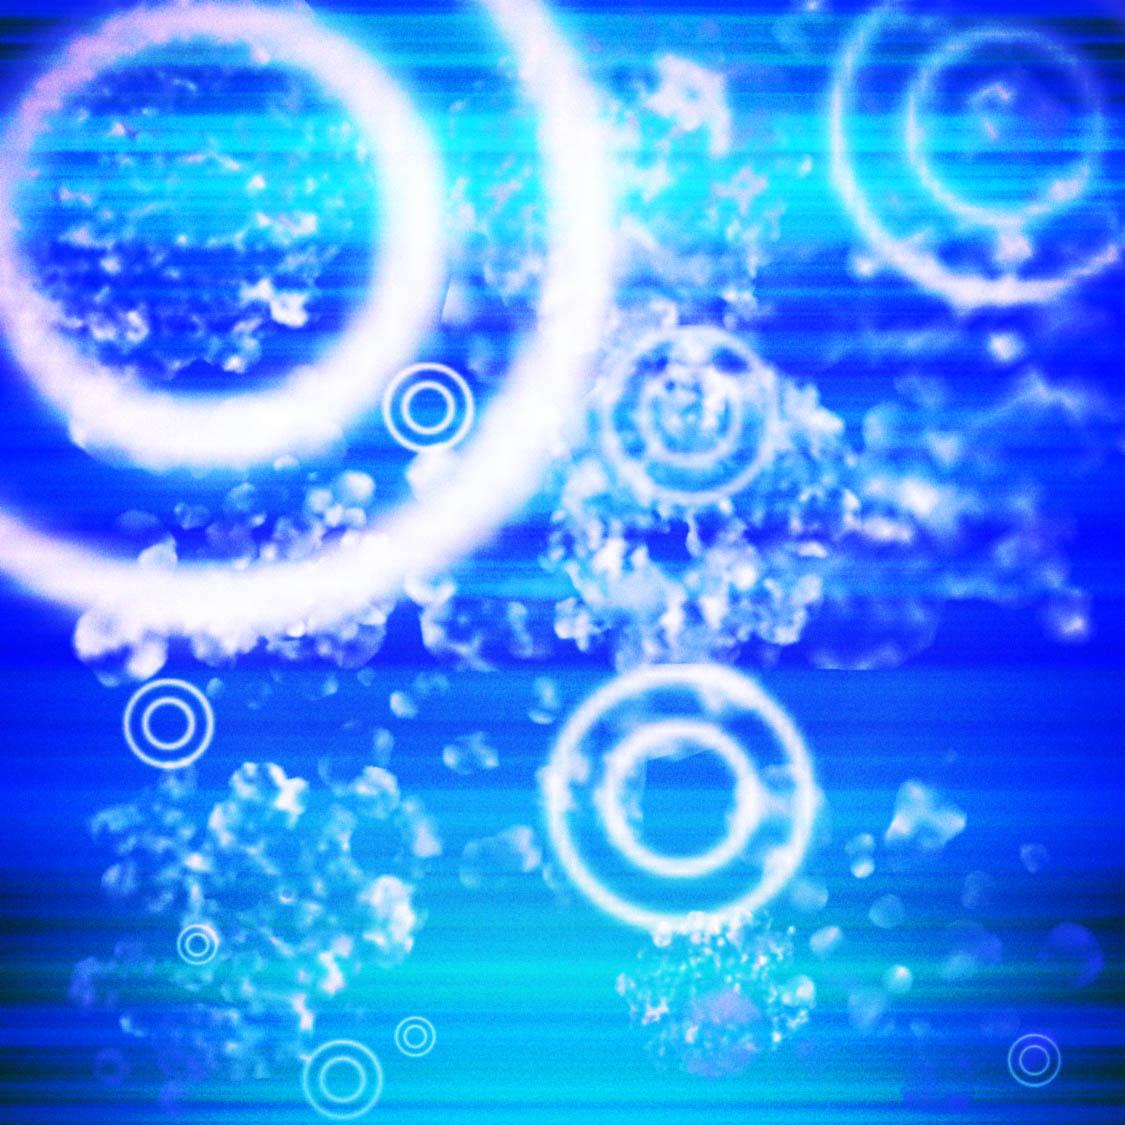 炭酸水と梅雨の夜_c0163605_2153262.jpg